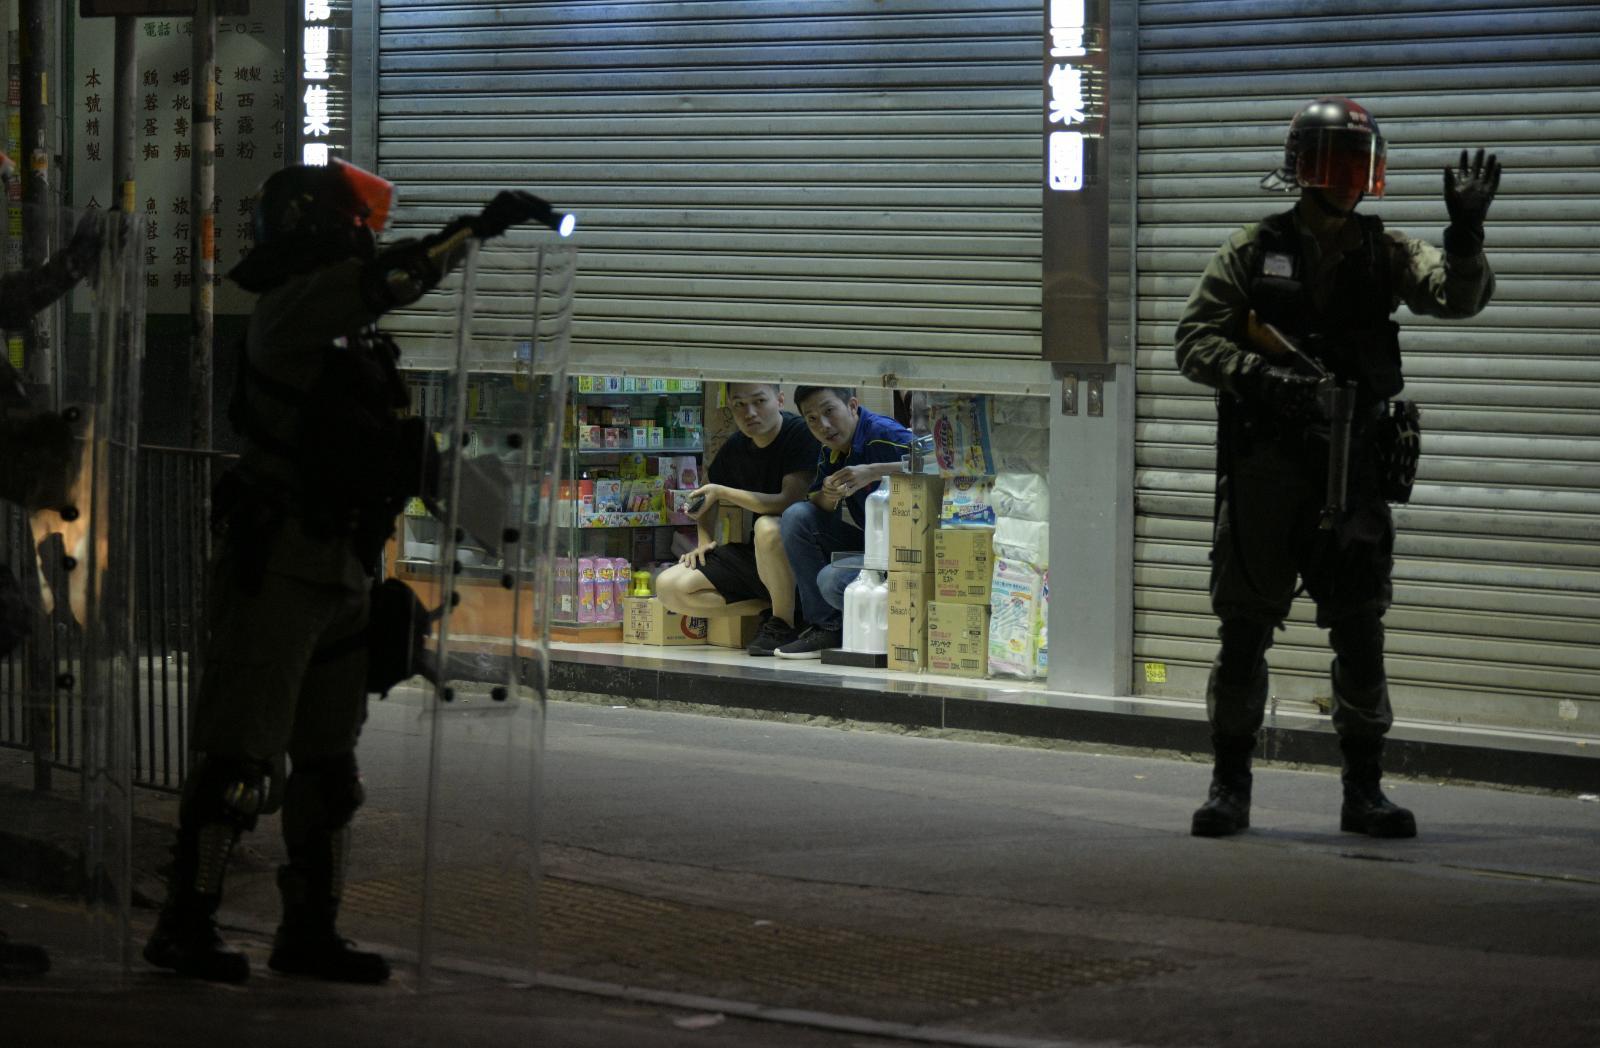 【修例風波】元朗群眾與持鐵通黑衣人互相擲物 防暴警察到場分隔